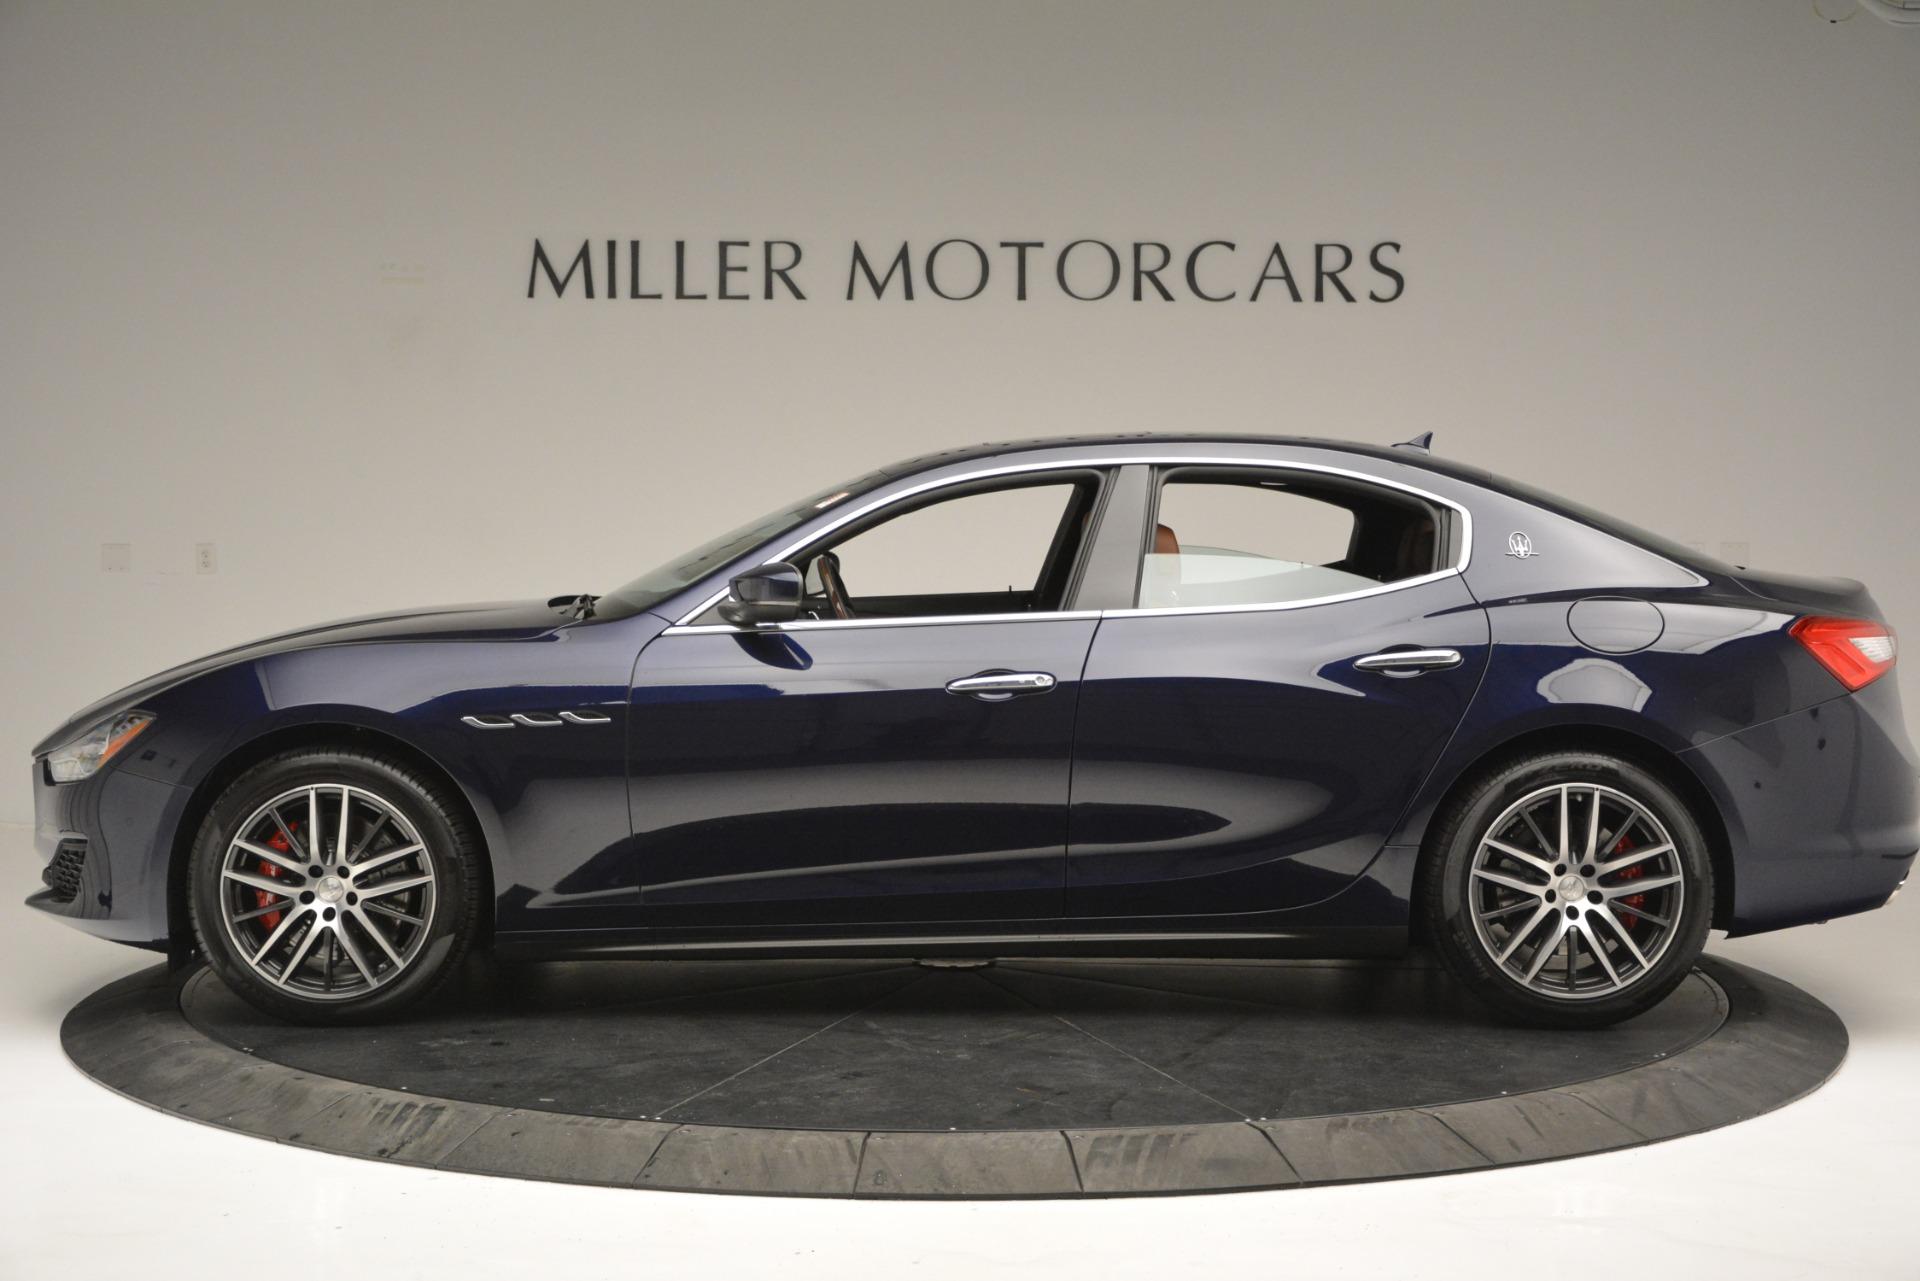 New 2019 Maserati Ghibli S Q4 For Sale In Greenwich, CT 2604_p3